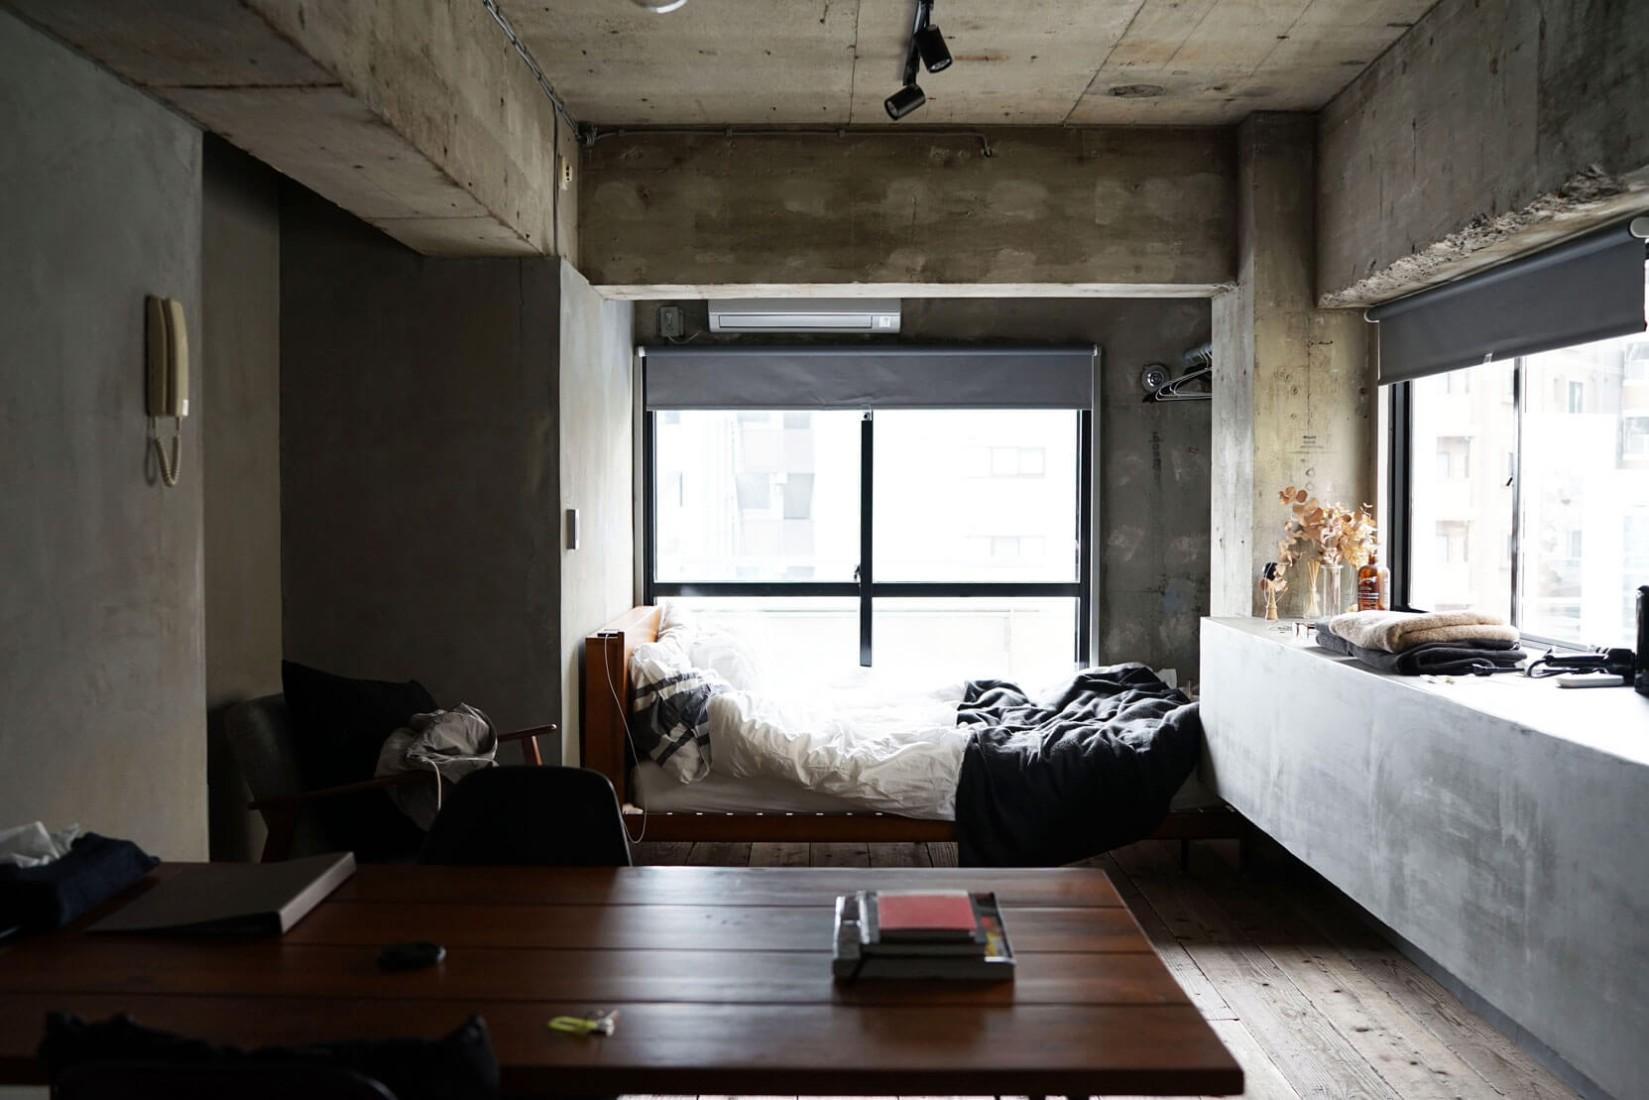 лофт дизайн интерьера квартир